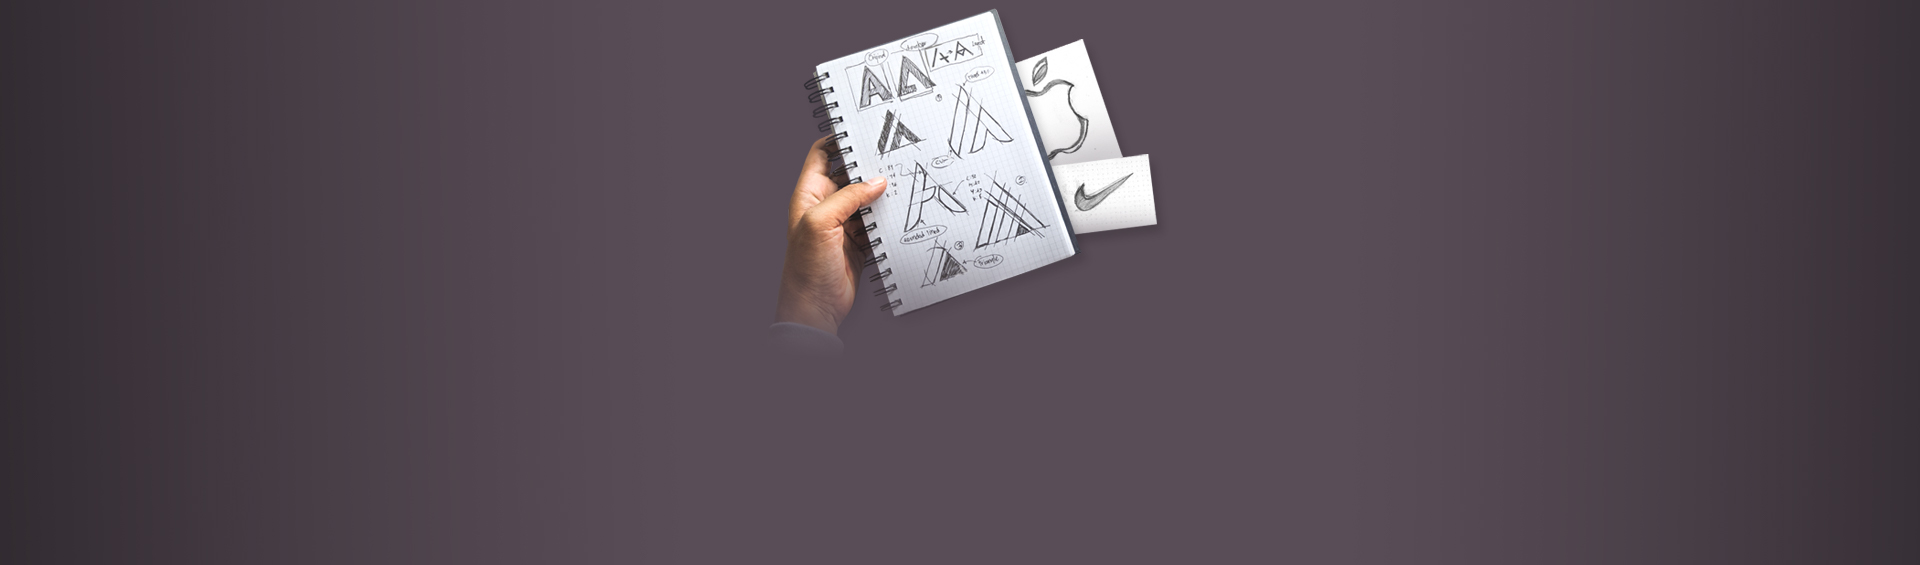 как придумать логотип